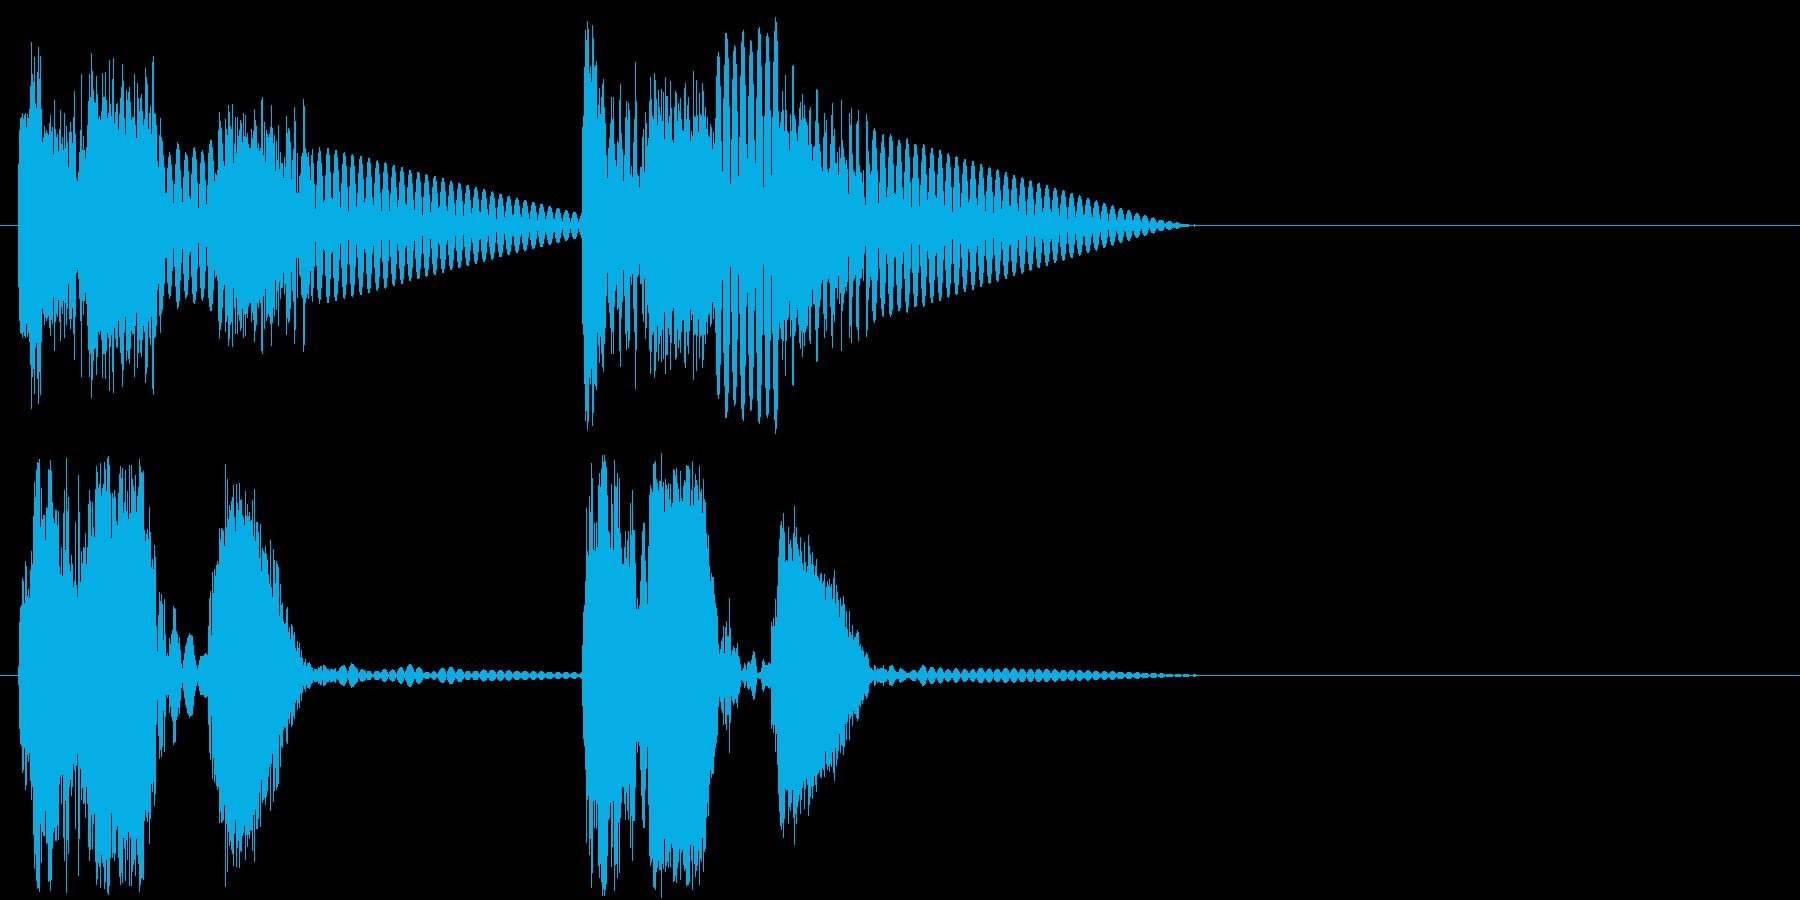 ロボットサウンド 機械音6 ロボが動く音の再生済みの波形